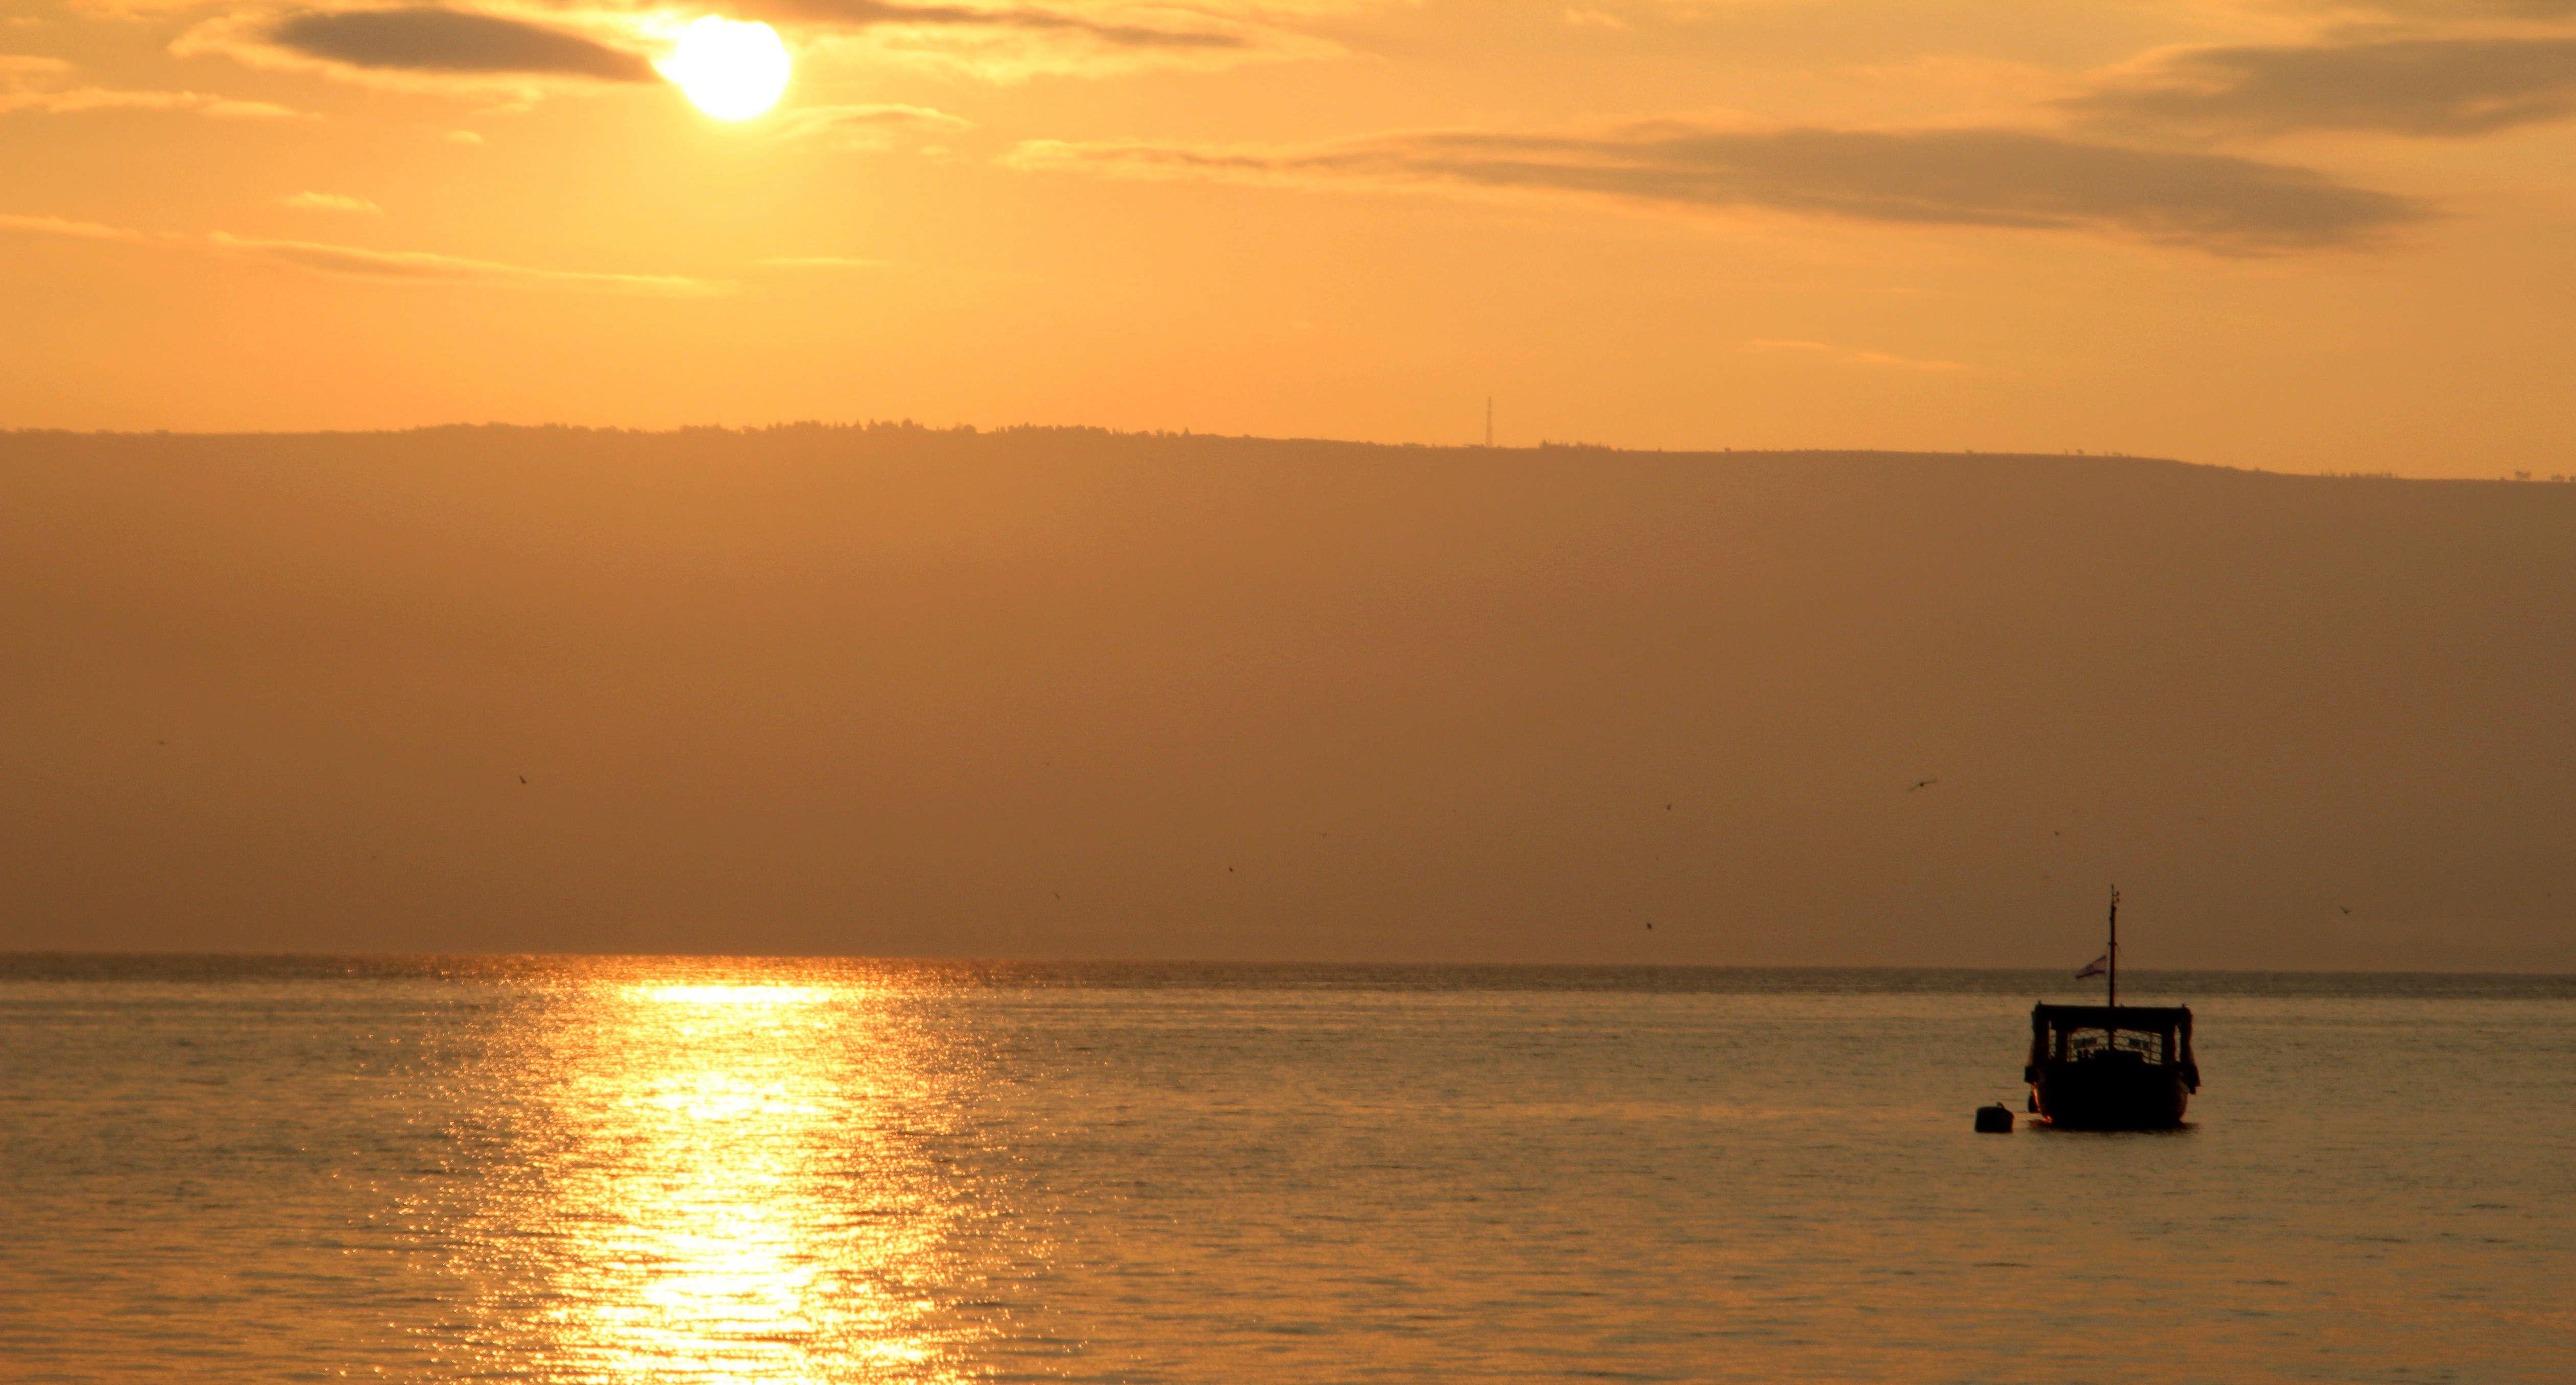 L'eau parle sans cesse et jamais ne se répète A859